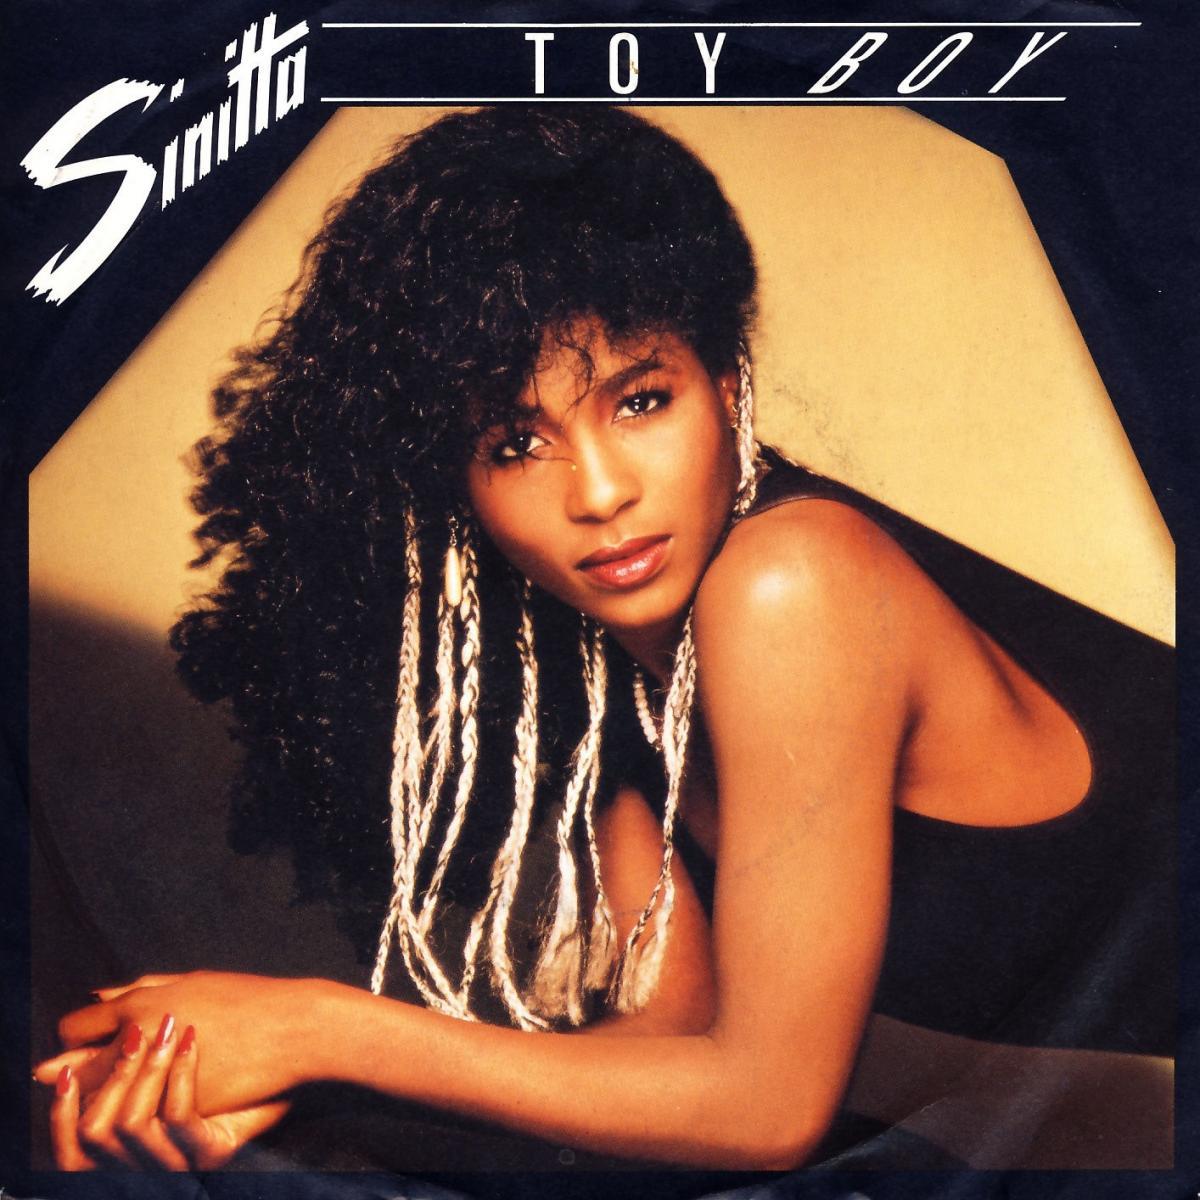 """Sinitta - Toy Boy [7"""" Single]"""